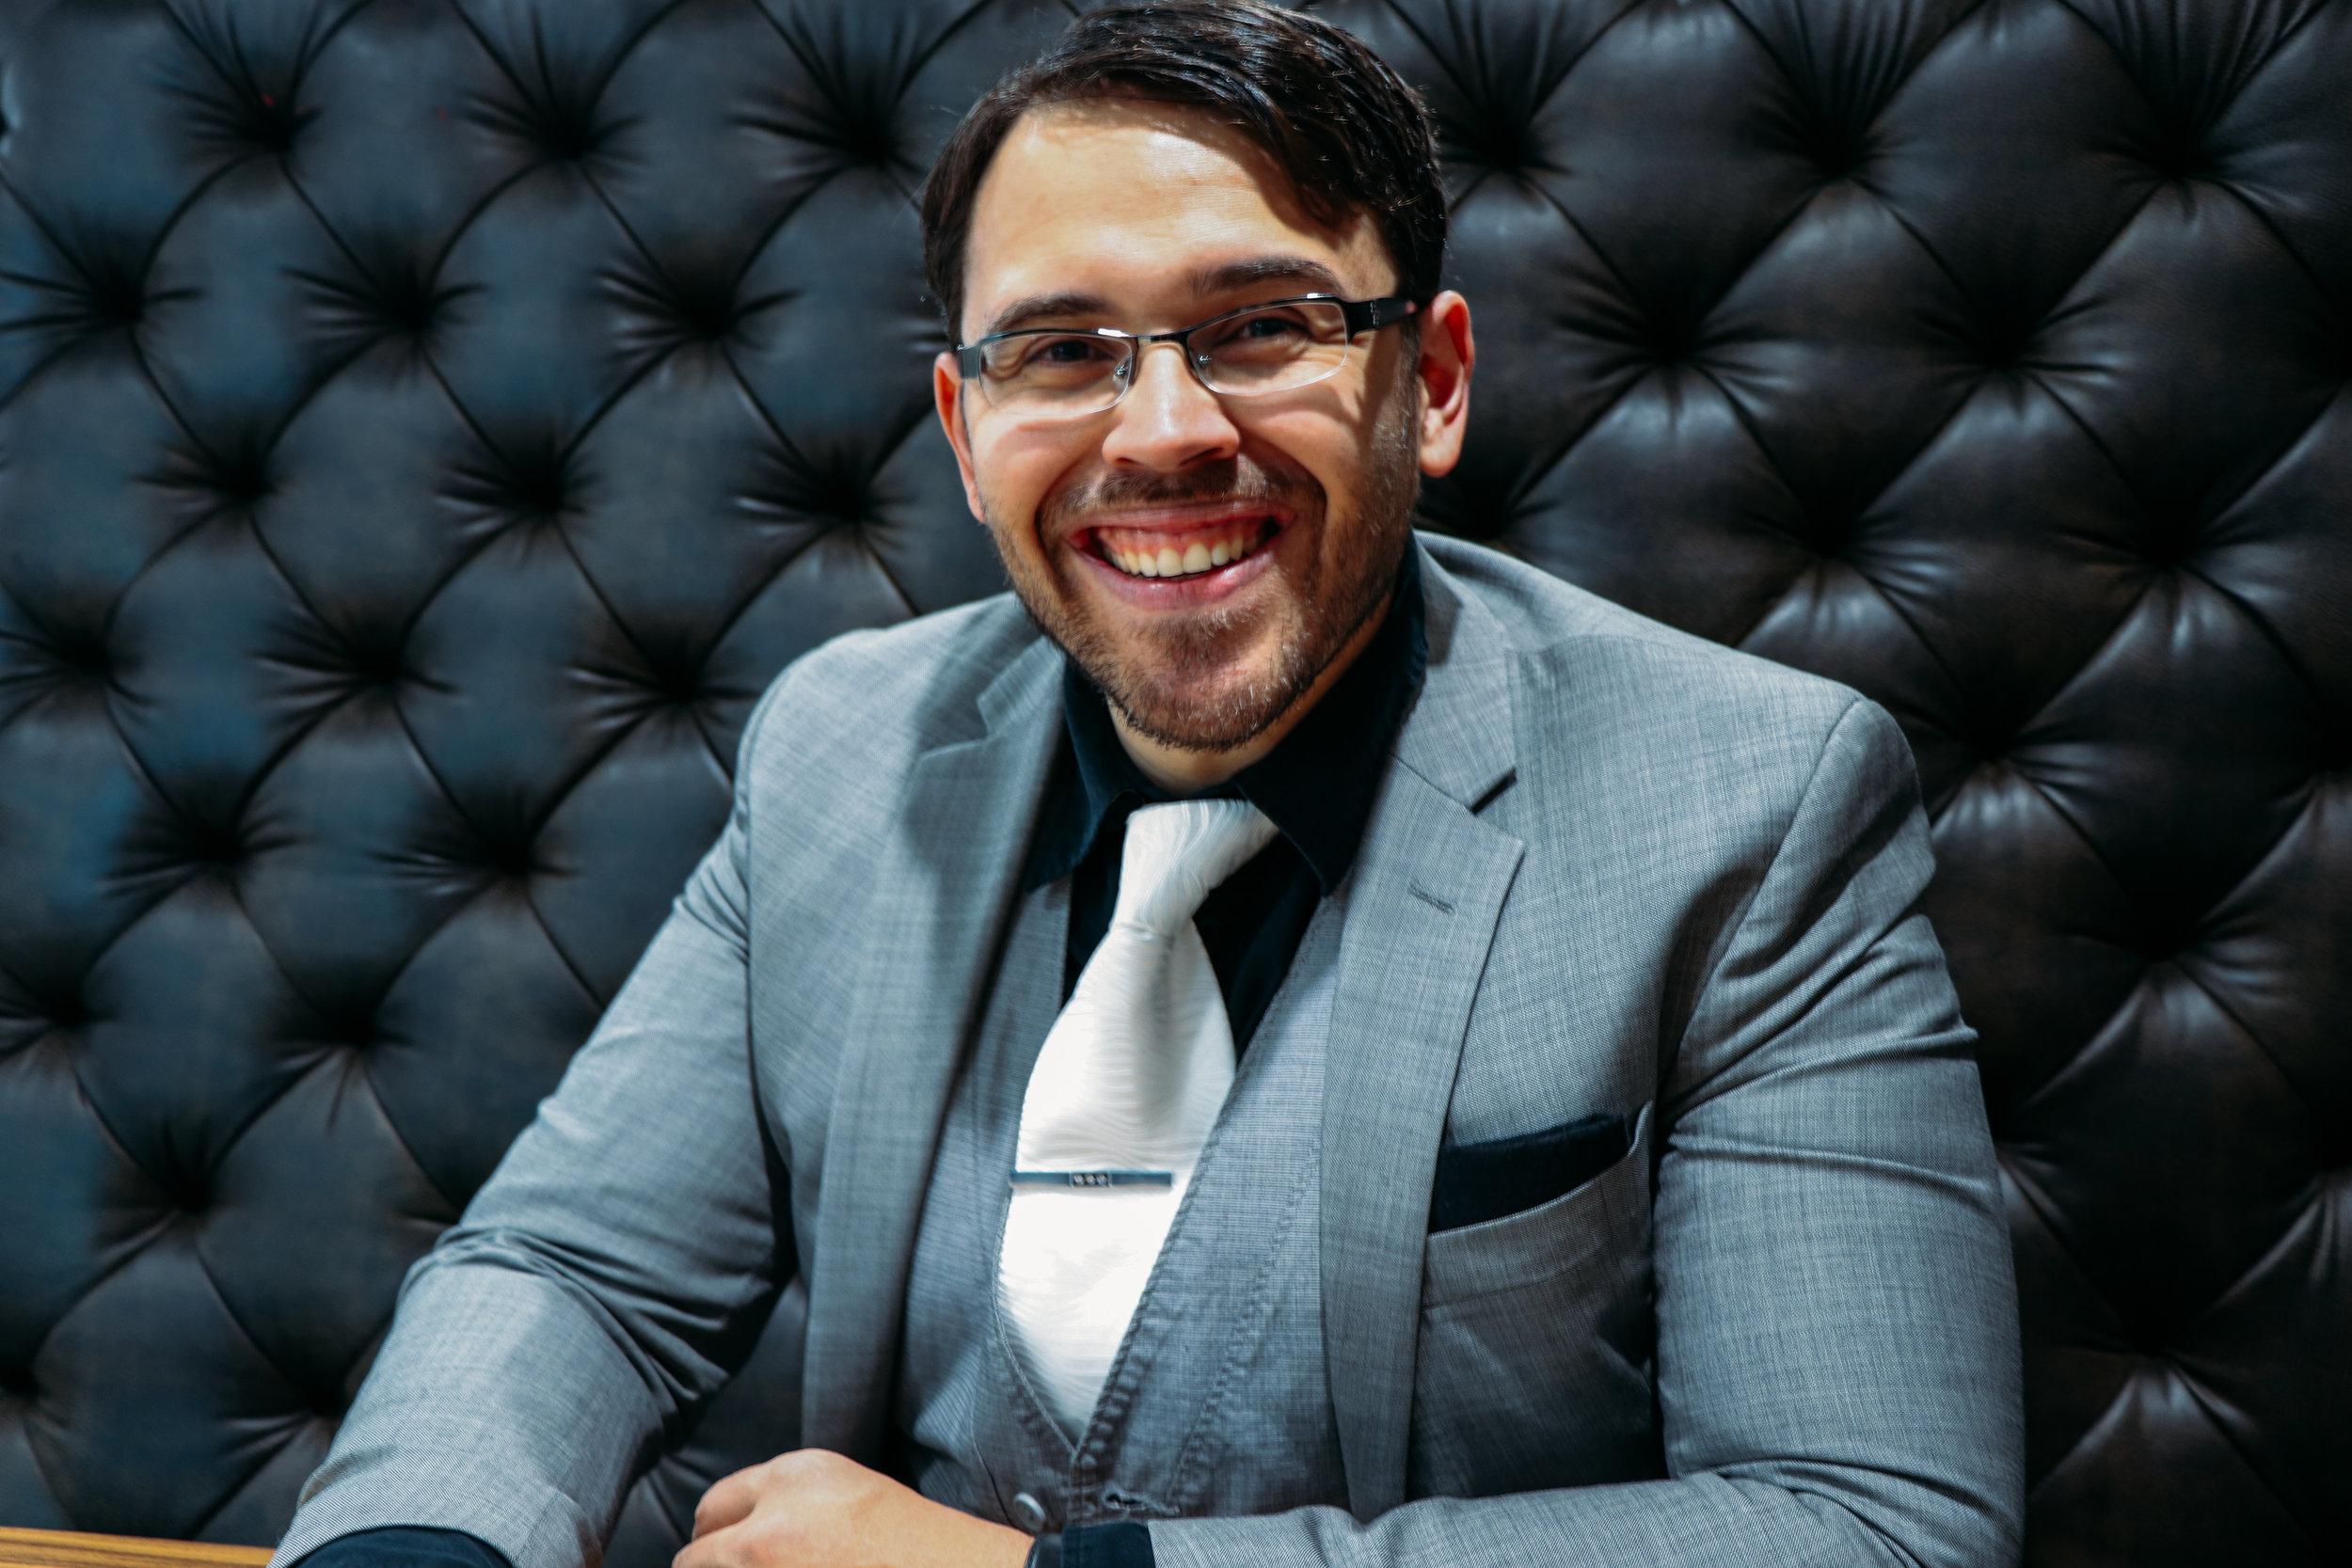 Beacon Sleep Solutions Founder and CEO Joseph Arrington